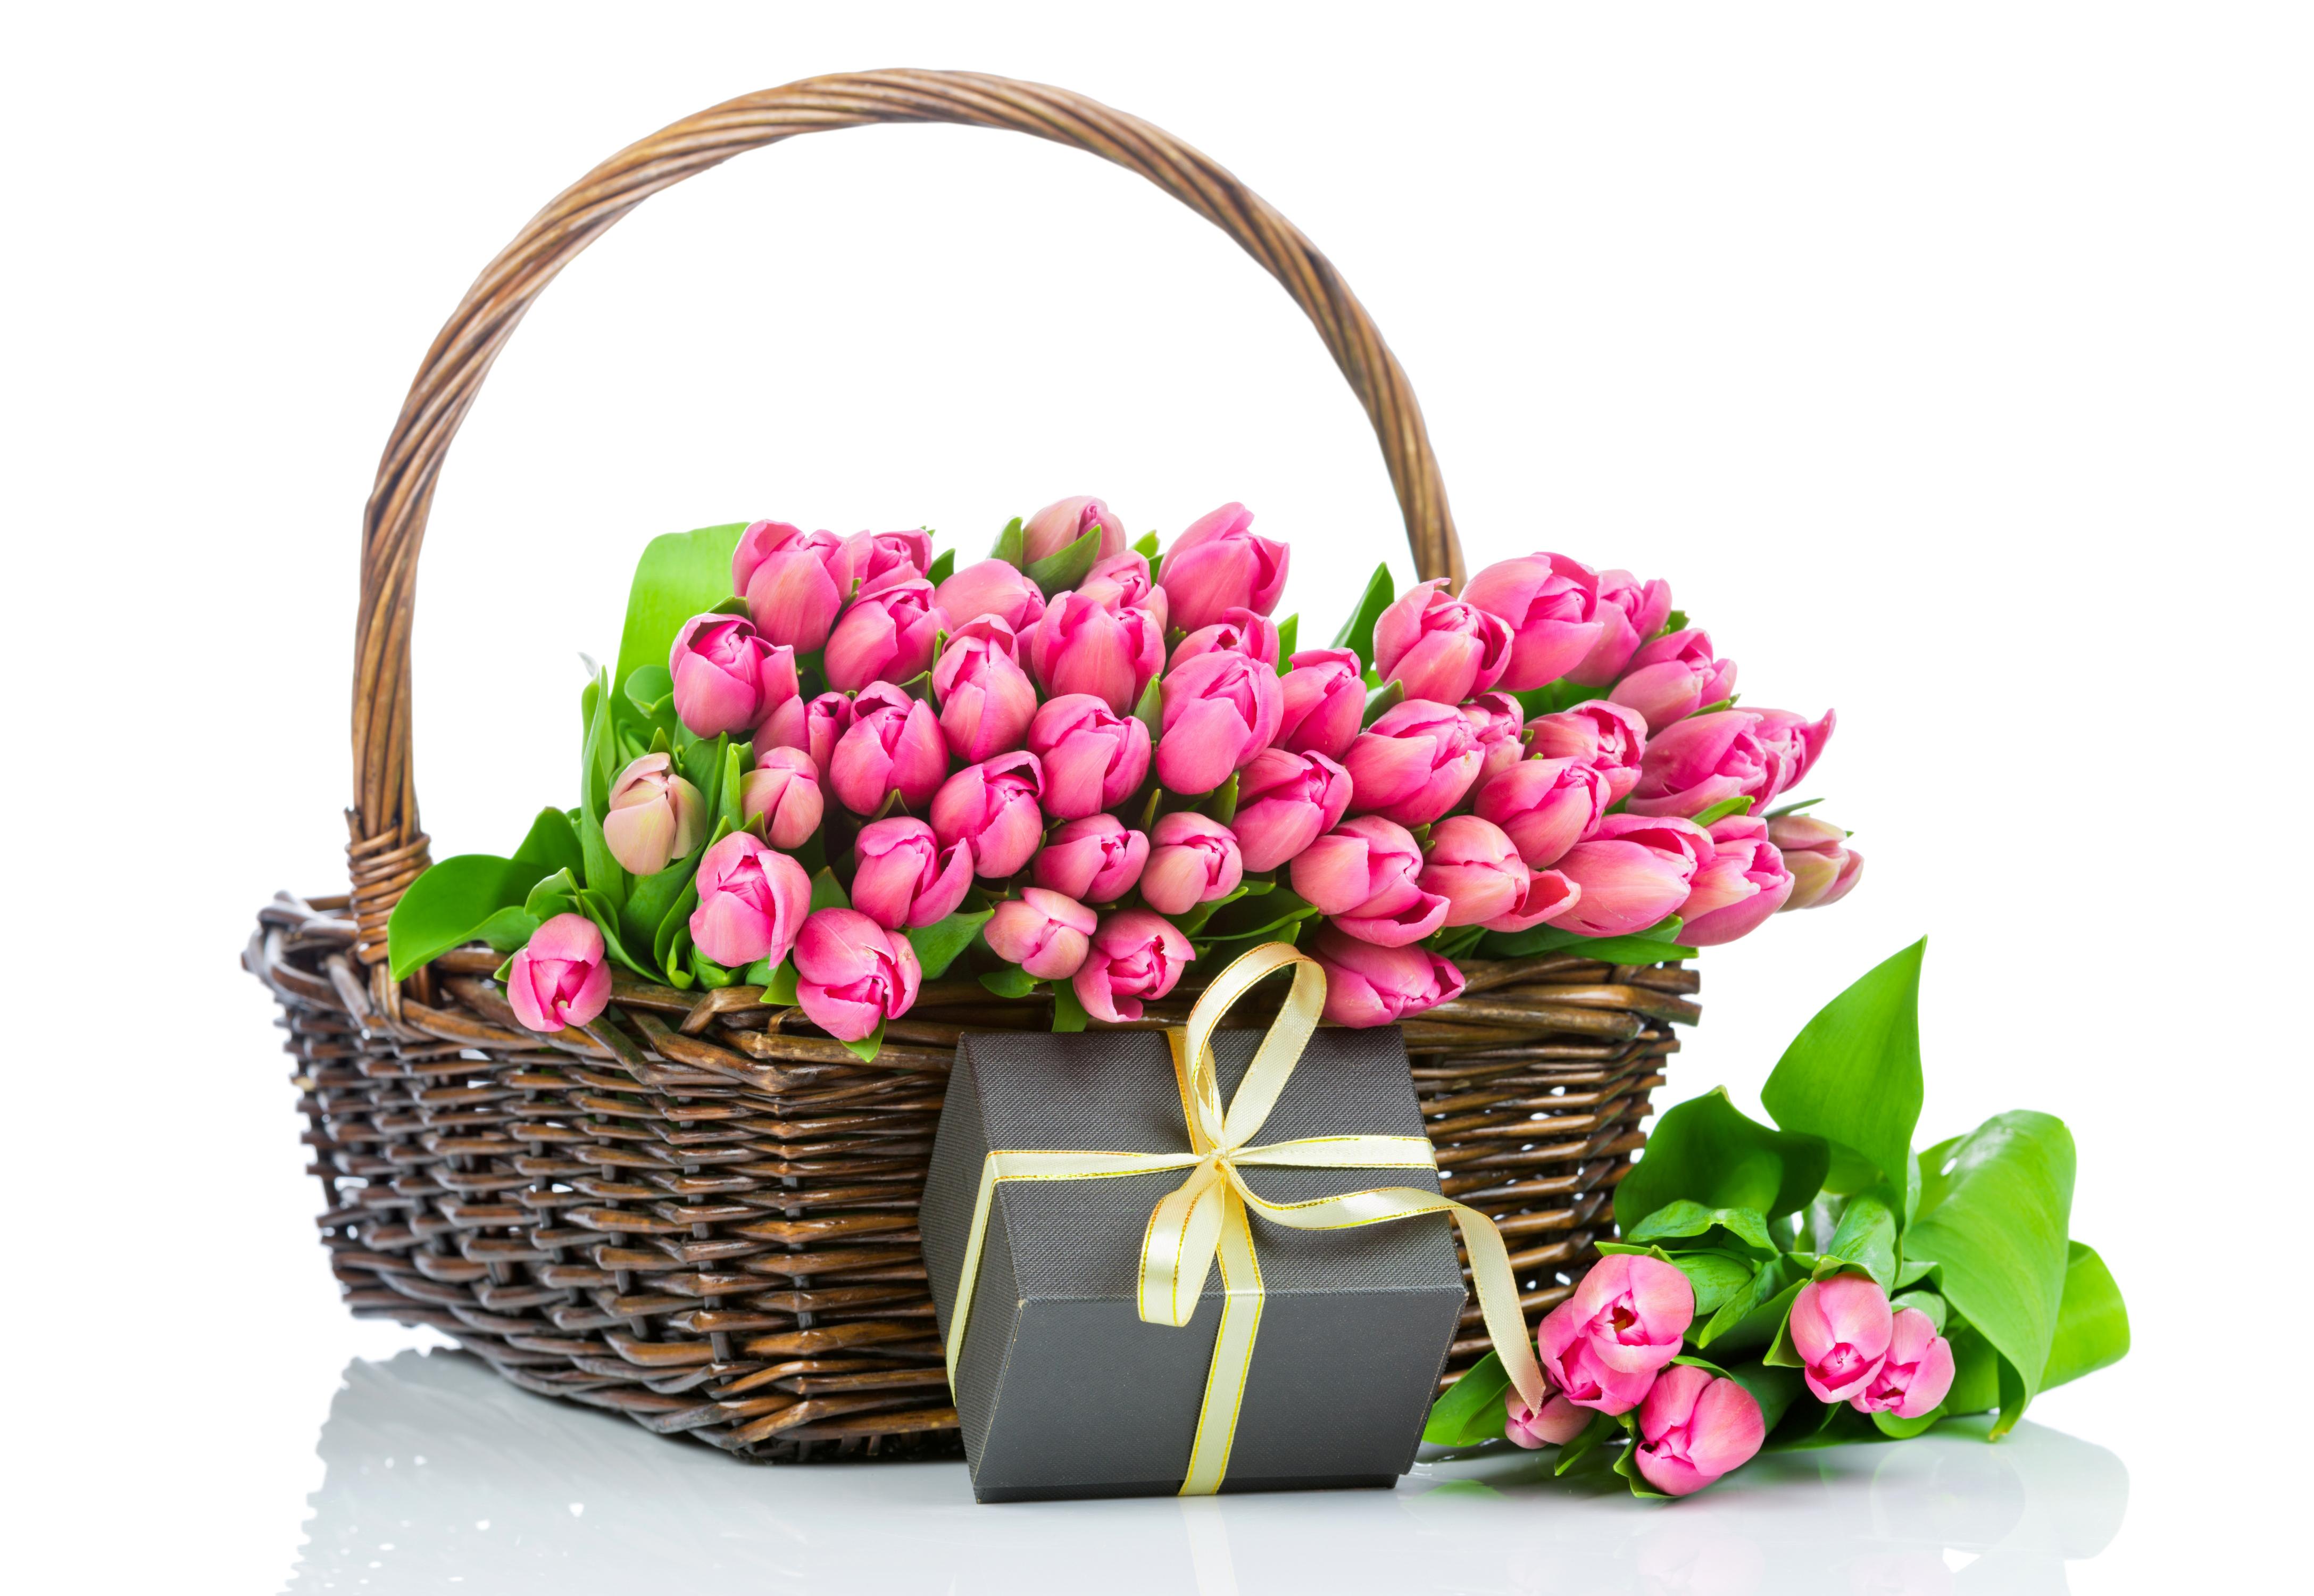 Поздравление, картинка поздравления с 8 марта цветы и конфеты